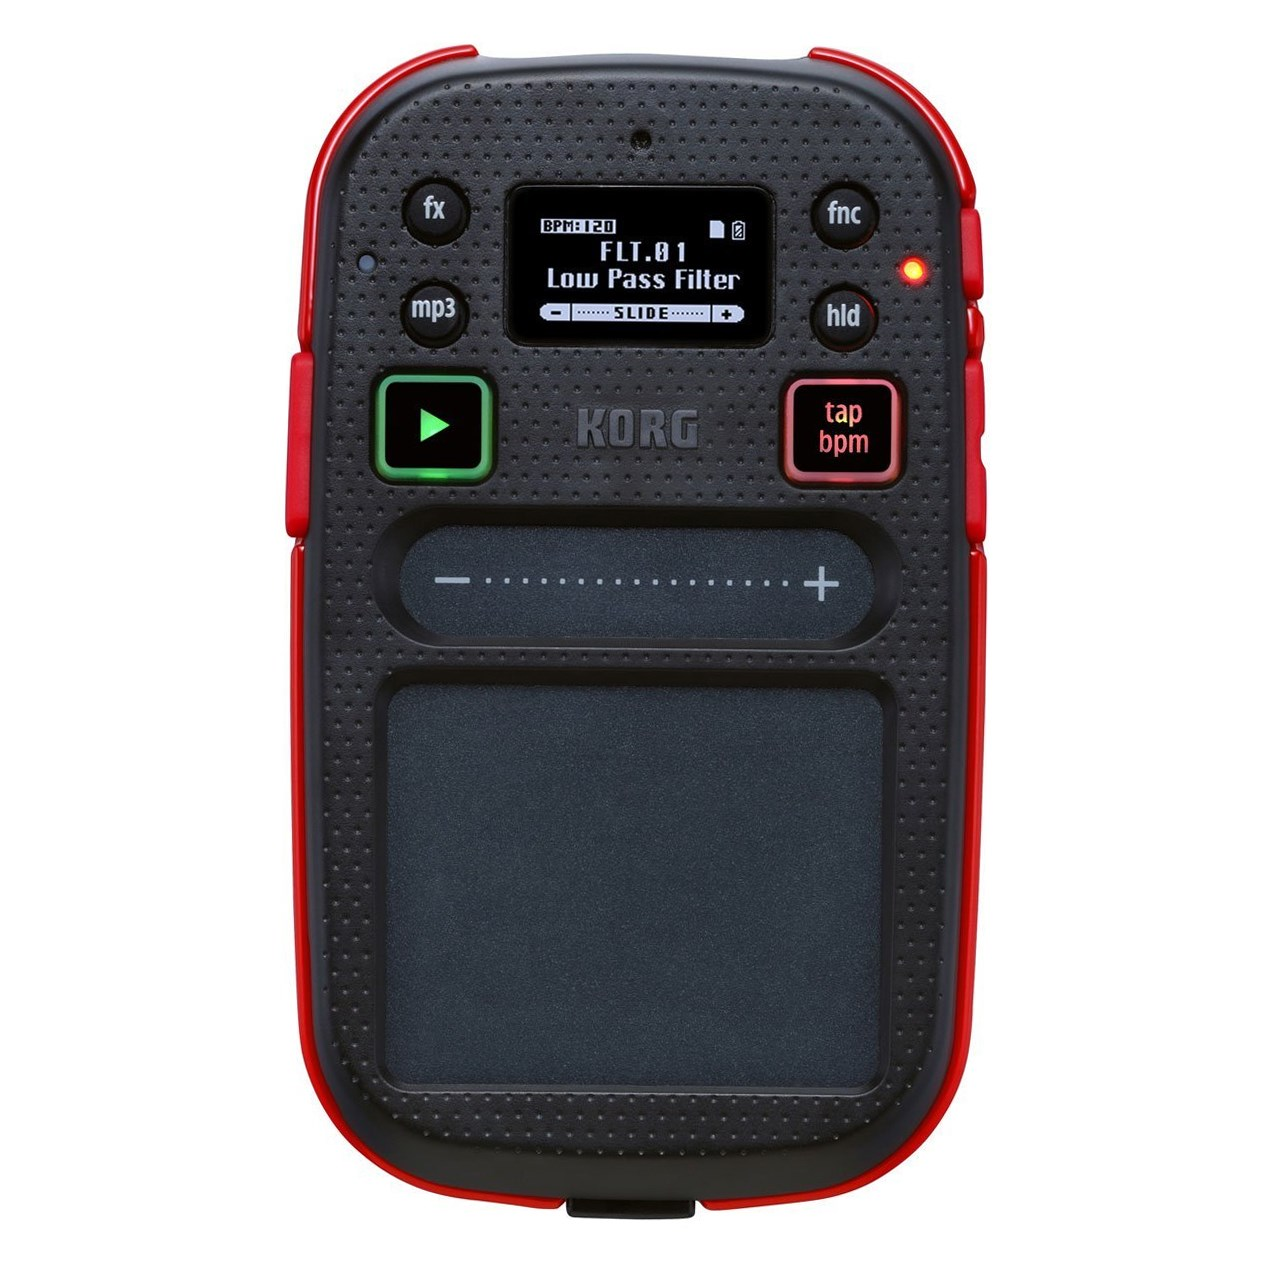 پردازشگر داینامیک افکت کرگ مدل Mini Kaoss Pad 2